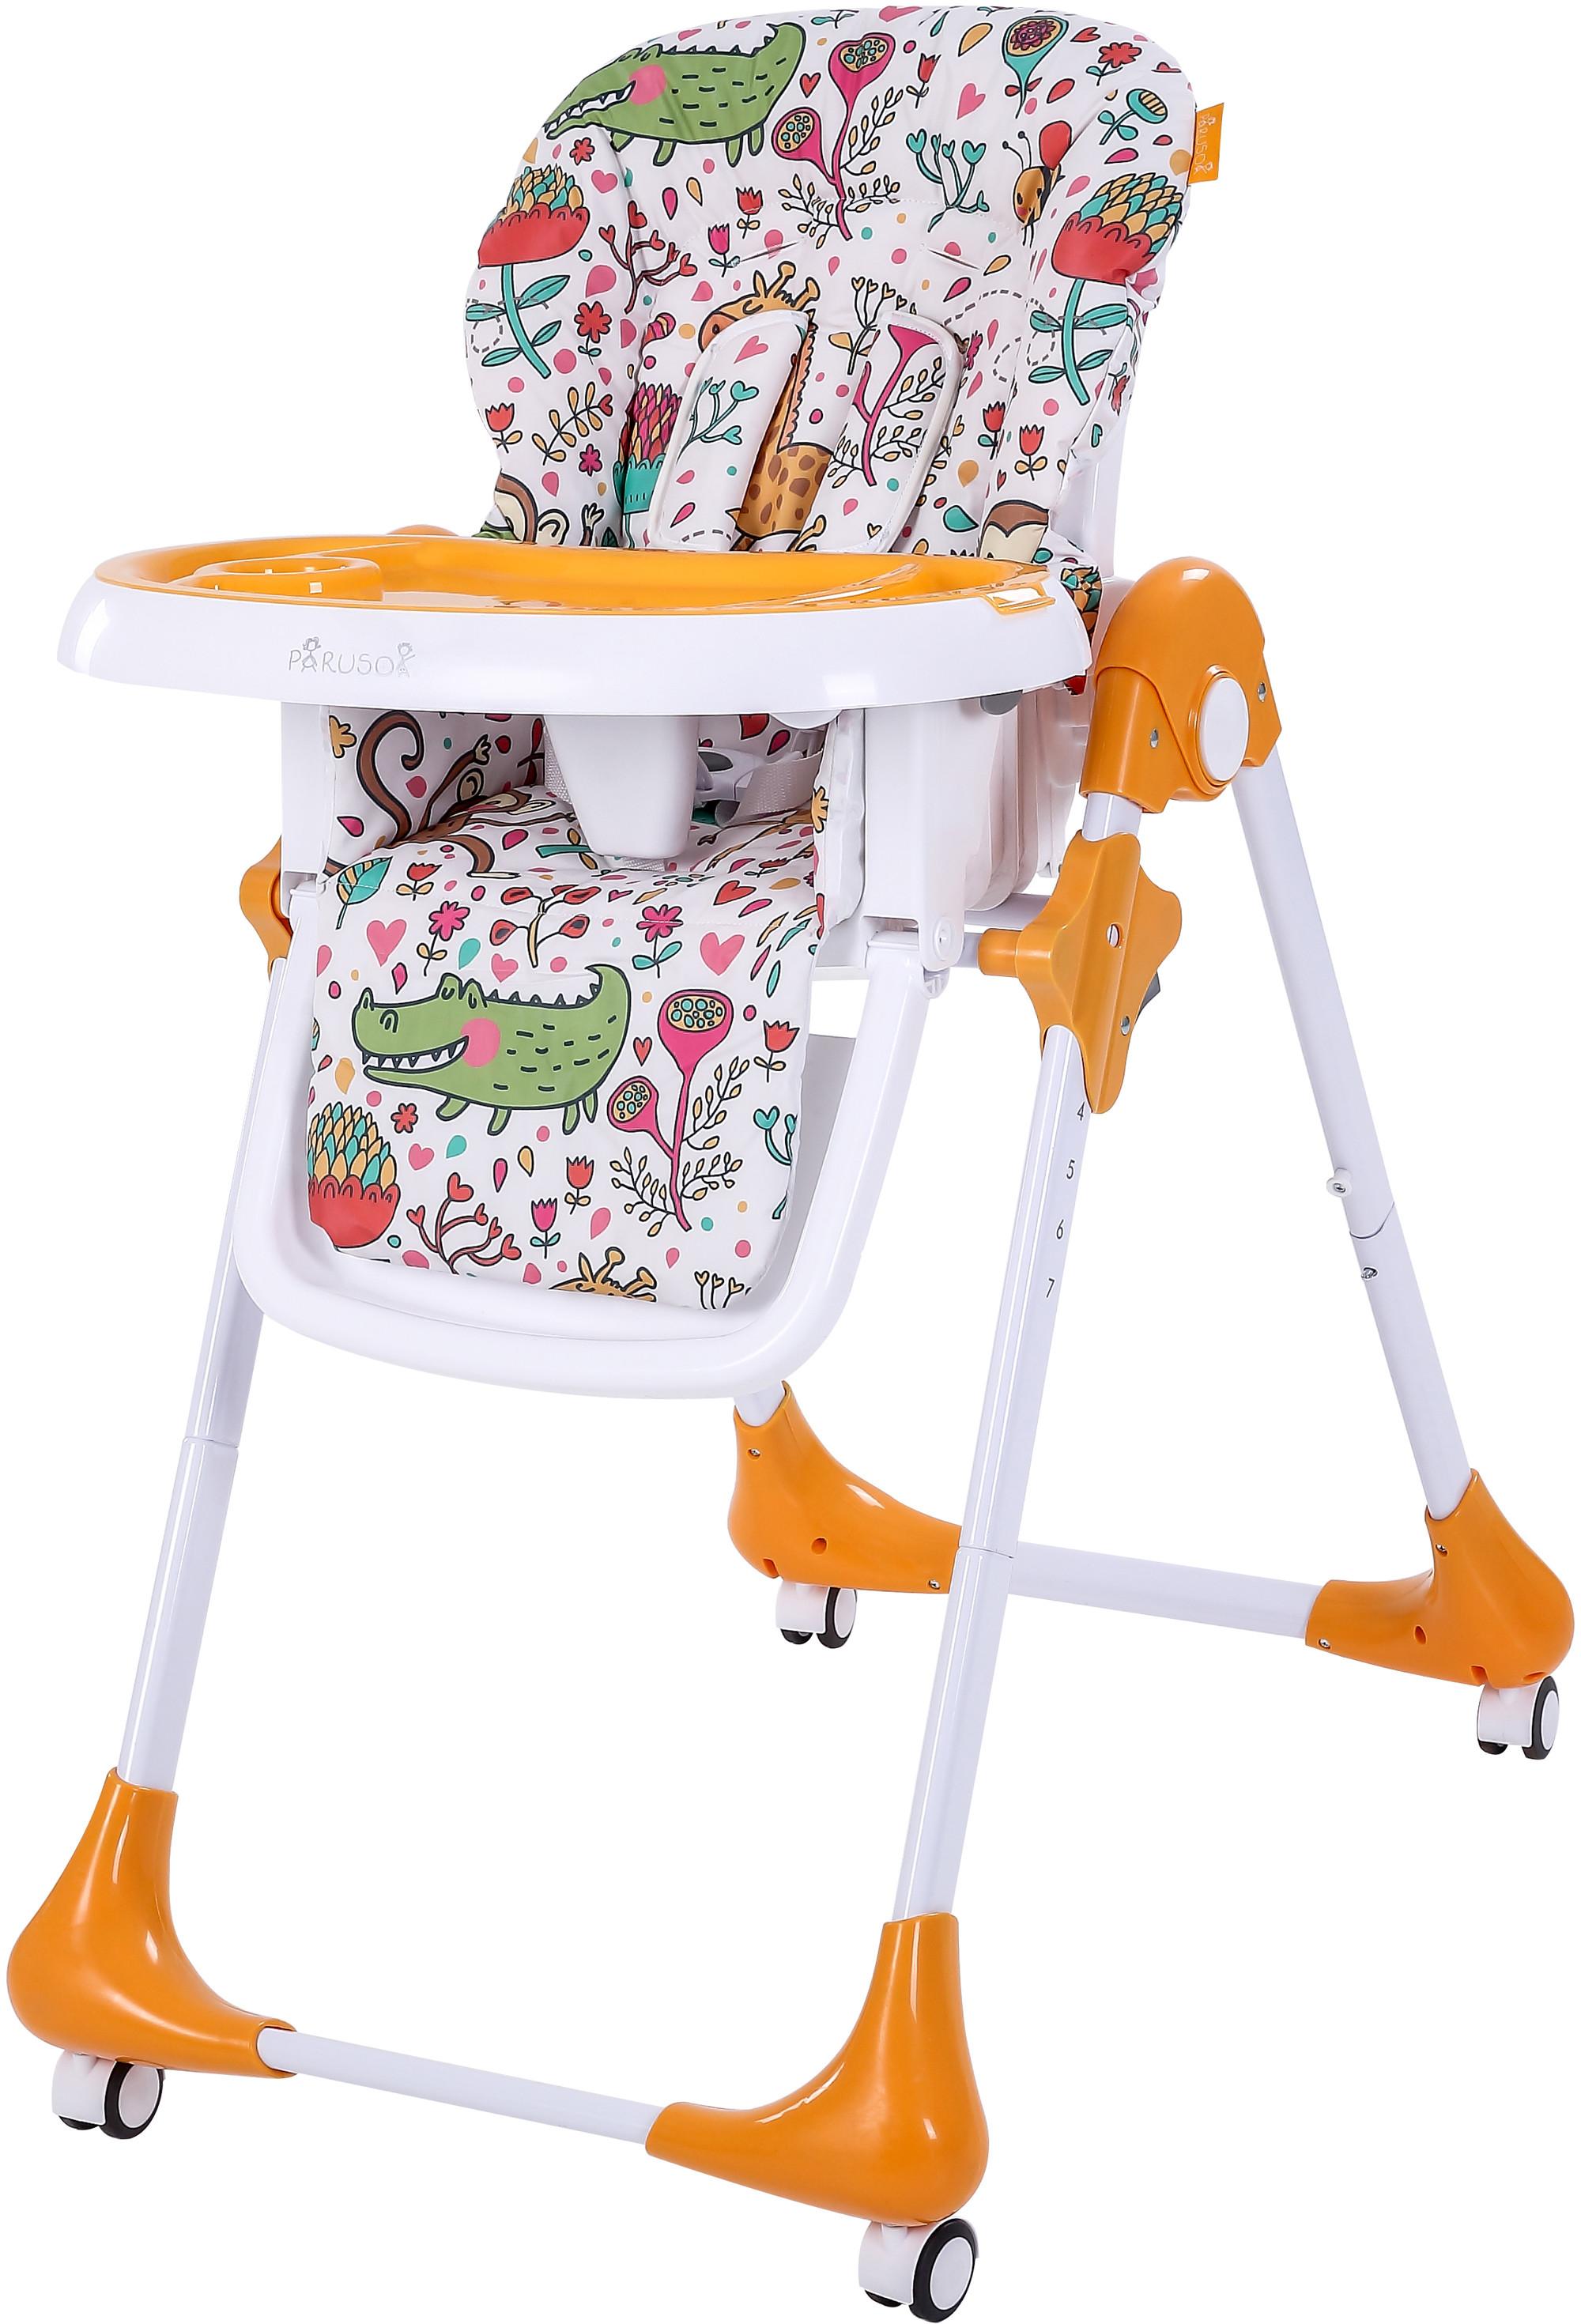 Стульчики для кормления Parusok Стульчик для кормления Parusok «Light» цвет оранжевый стульчик для кормления barty babys лакированный froggy